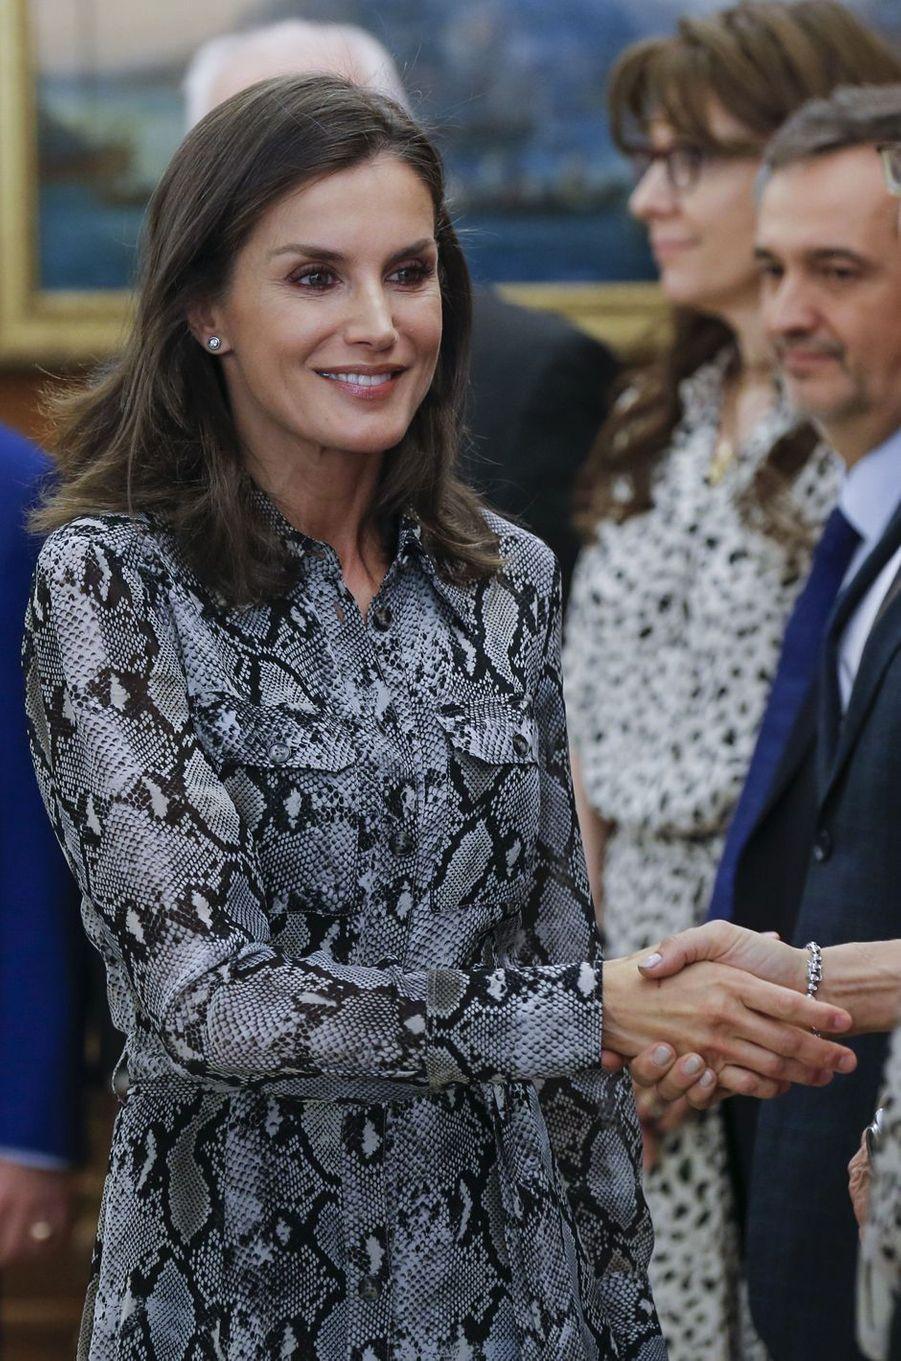 La reine Letizia d'Espagne en audience à Madrid, le 8 octobre 2019